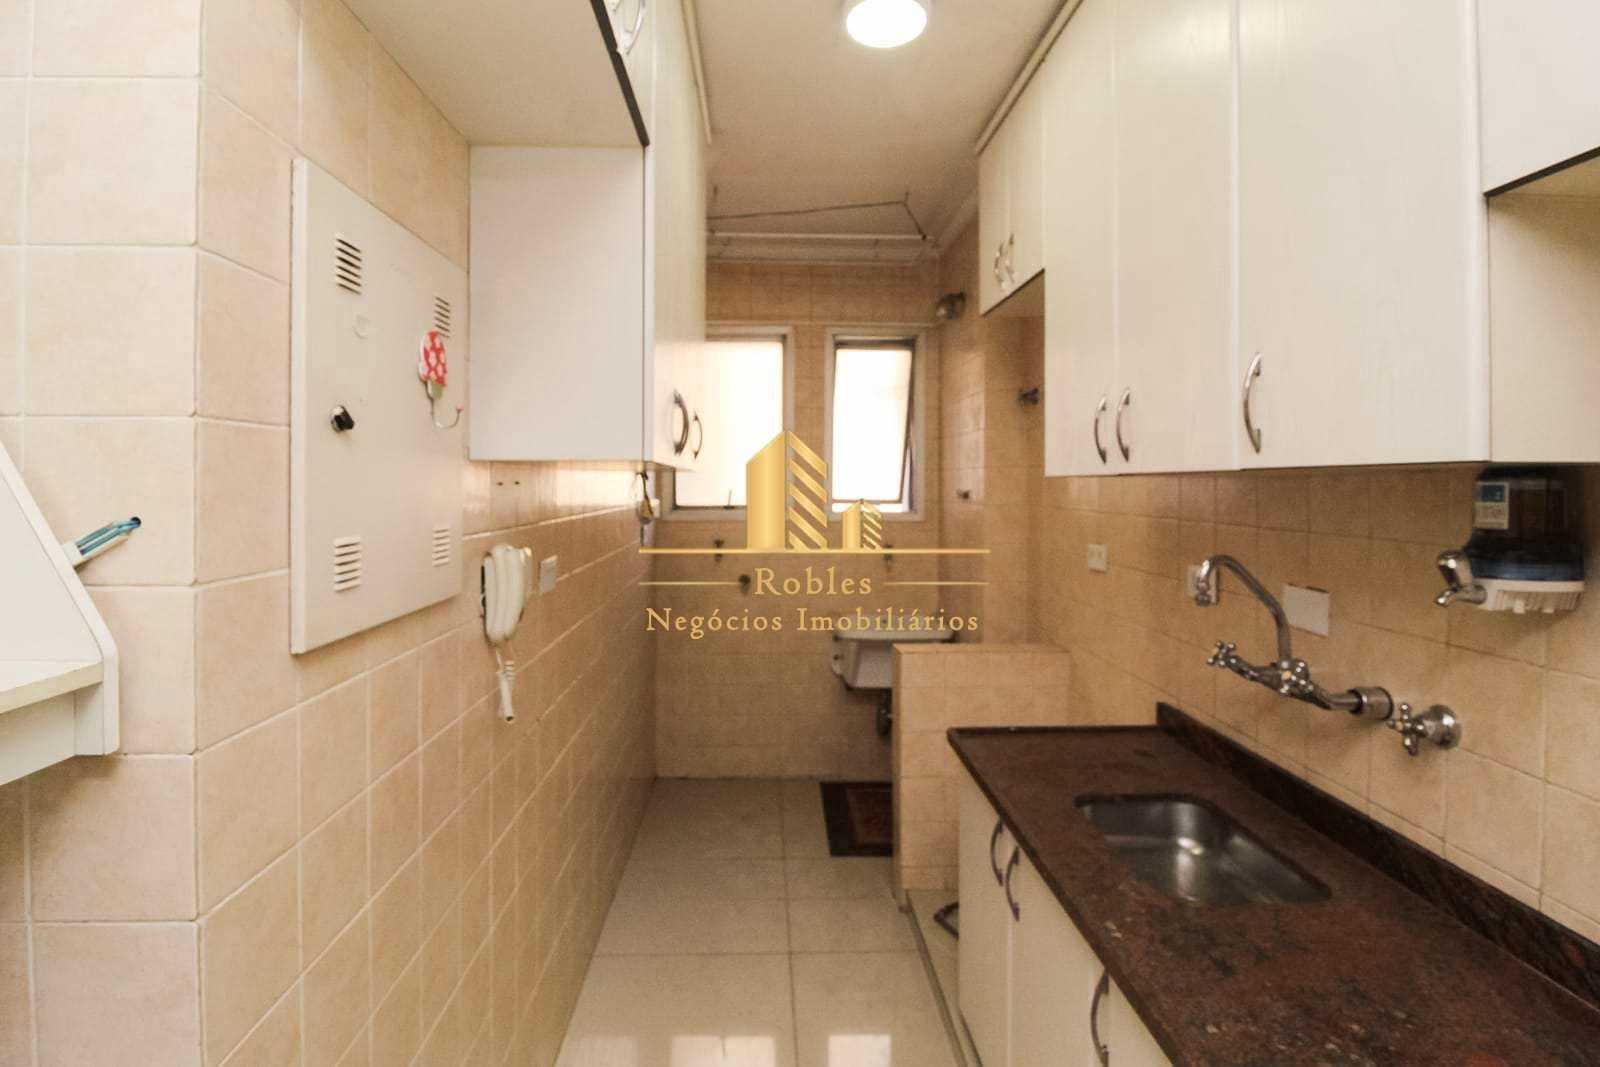 Apartamento com 2 dorms, Vila Olímpia, São Paulo - R$ 650 mil, Cod: 2108